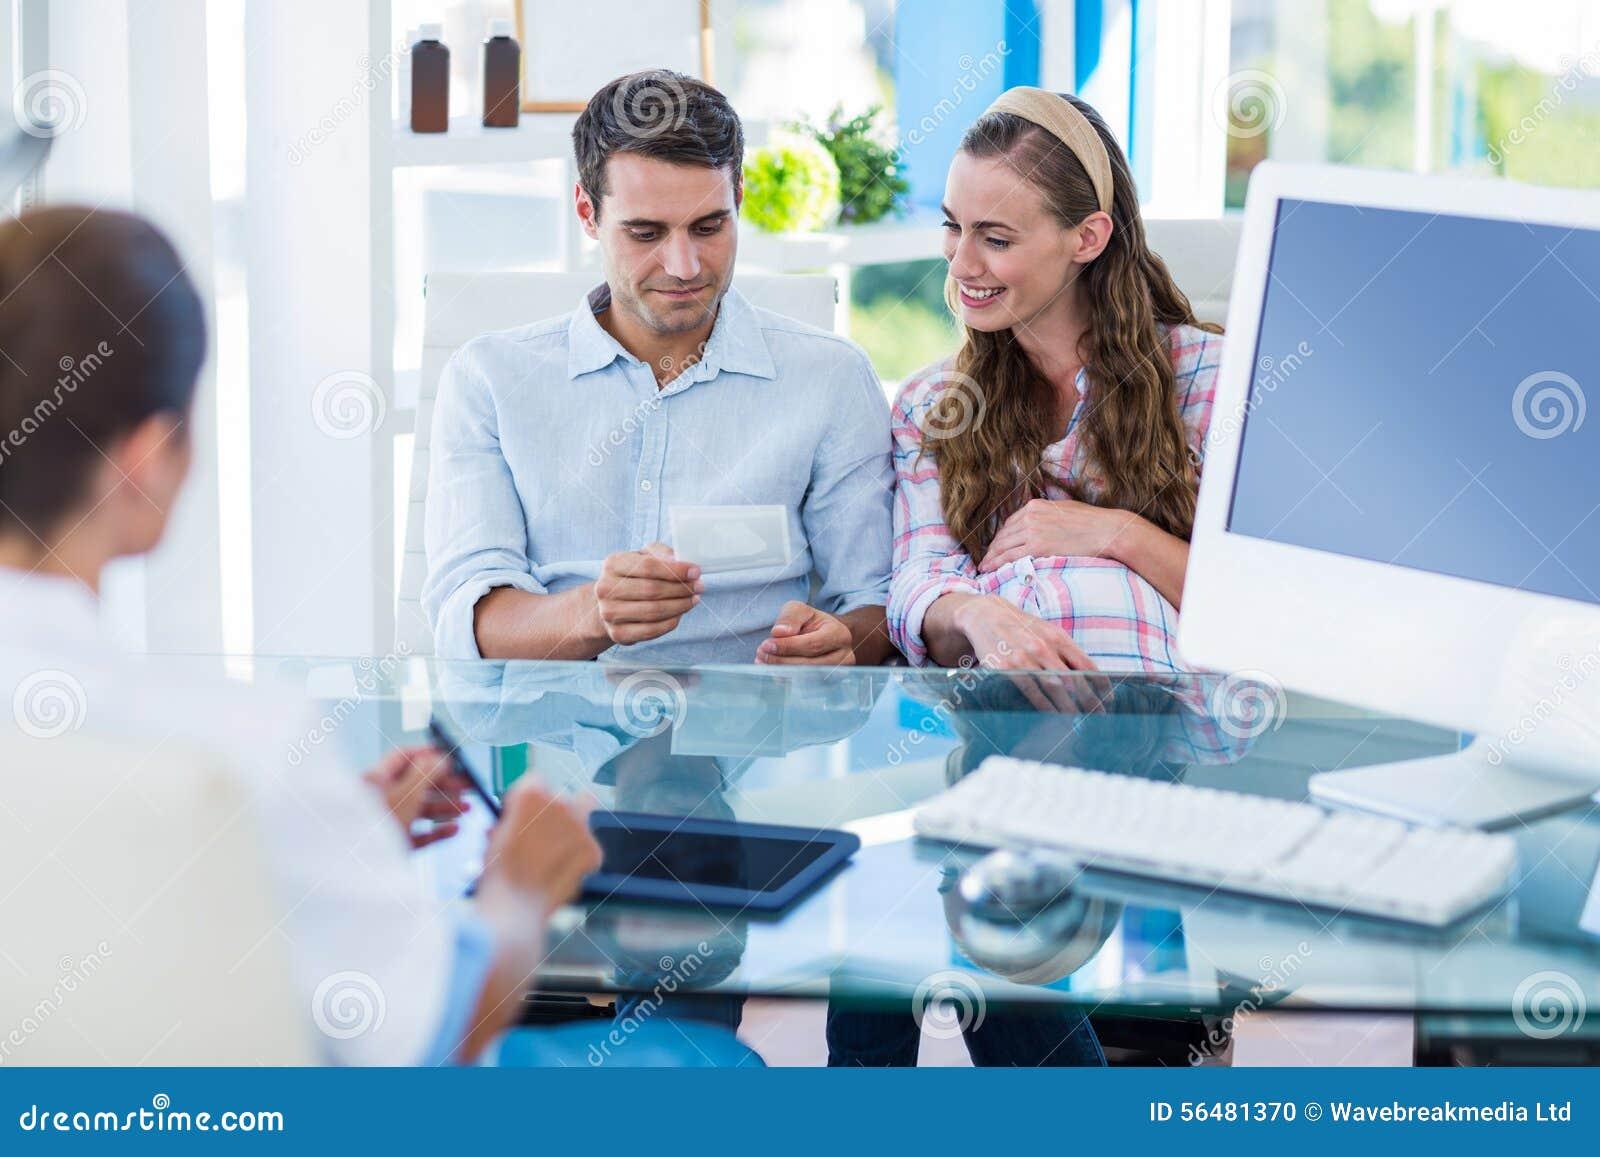 Femme enceinte et son mari regardant la photo de leur futur bébé